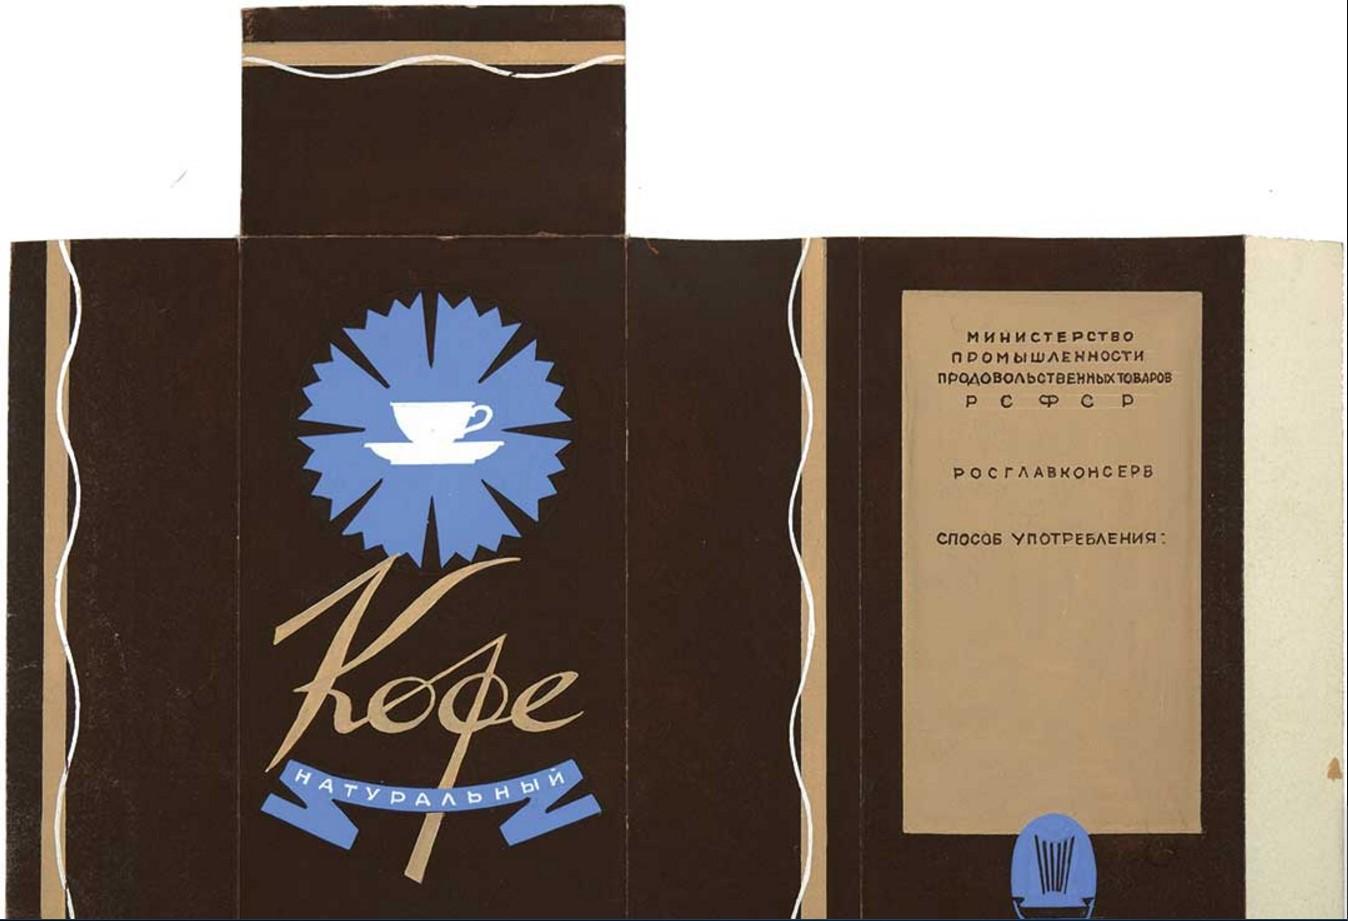 Образец дизайна упаковки кофе «Натуральный». 1957